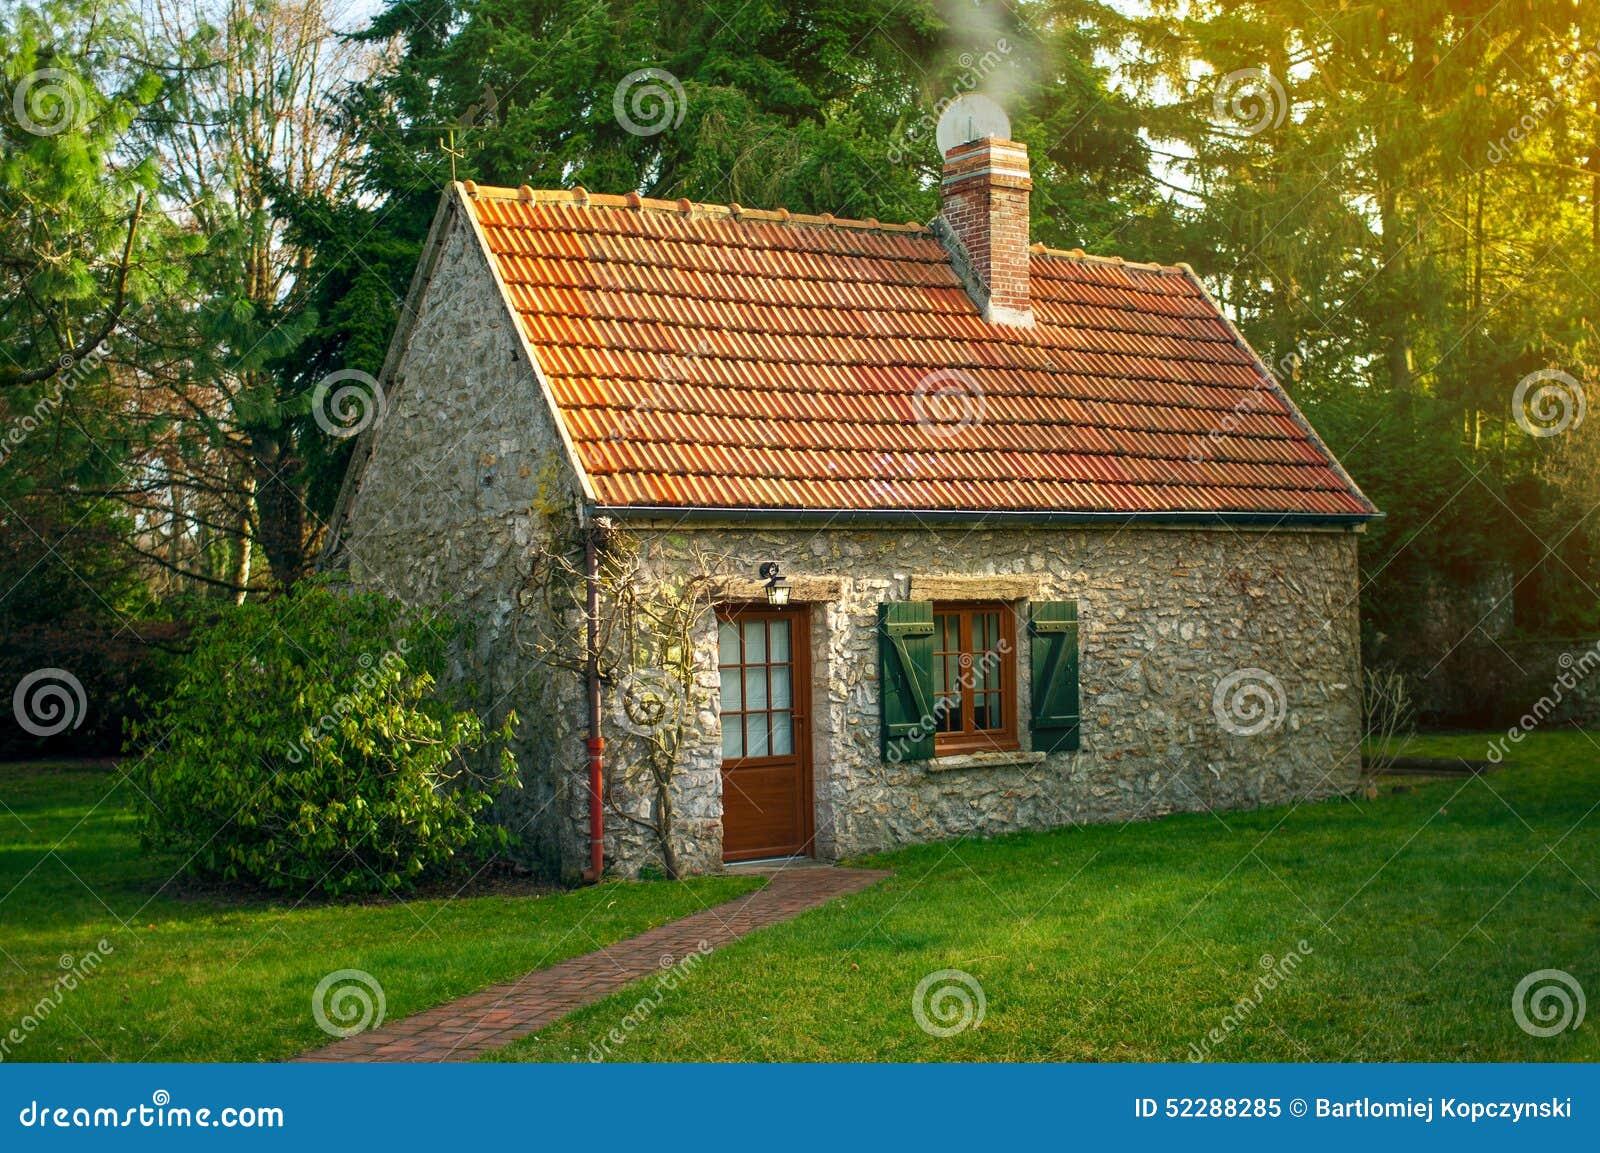 English Garden Shed Designs.Schnes Kleines Haus Stockfoto Bild ...